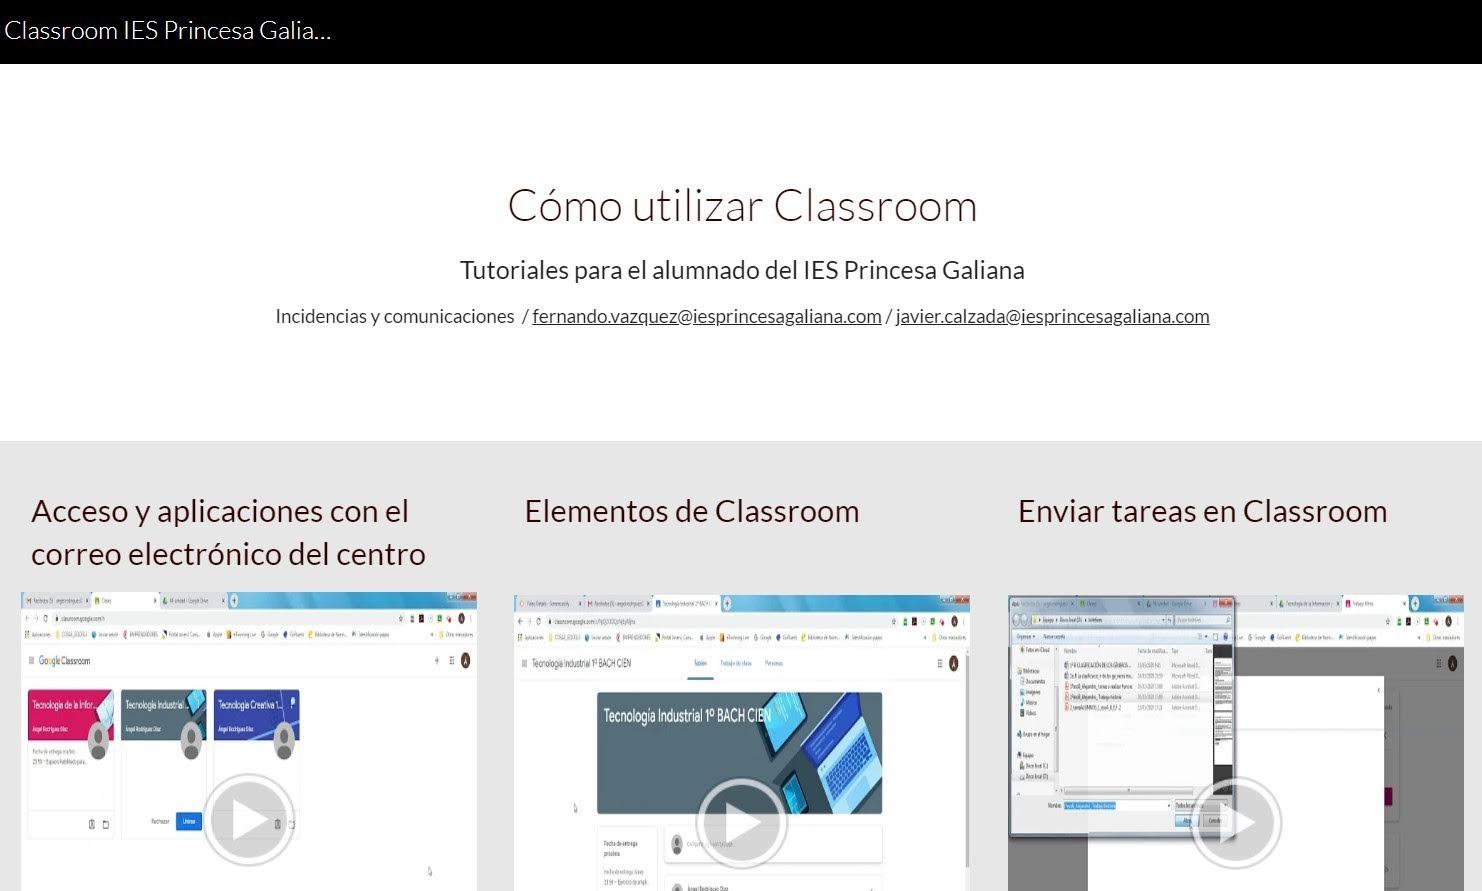 """Nueva web de ayuda """"Cómo utilizar Classroom"""" para el alumnado"""